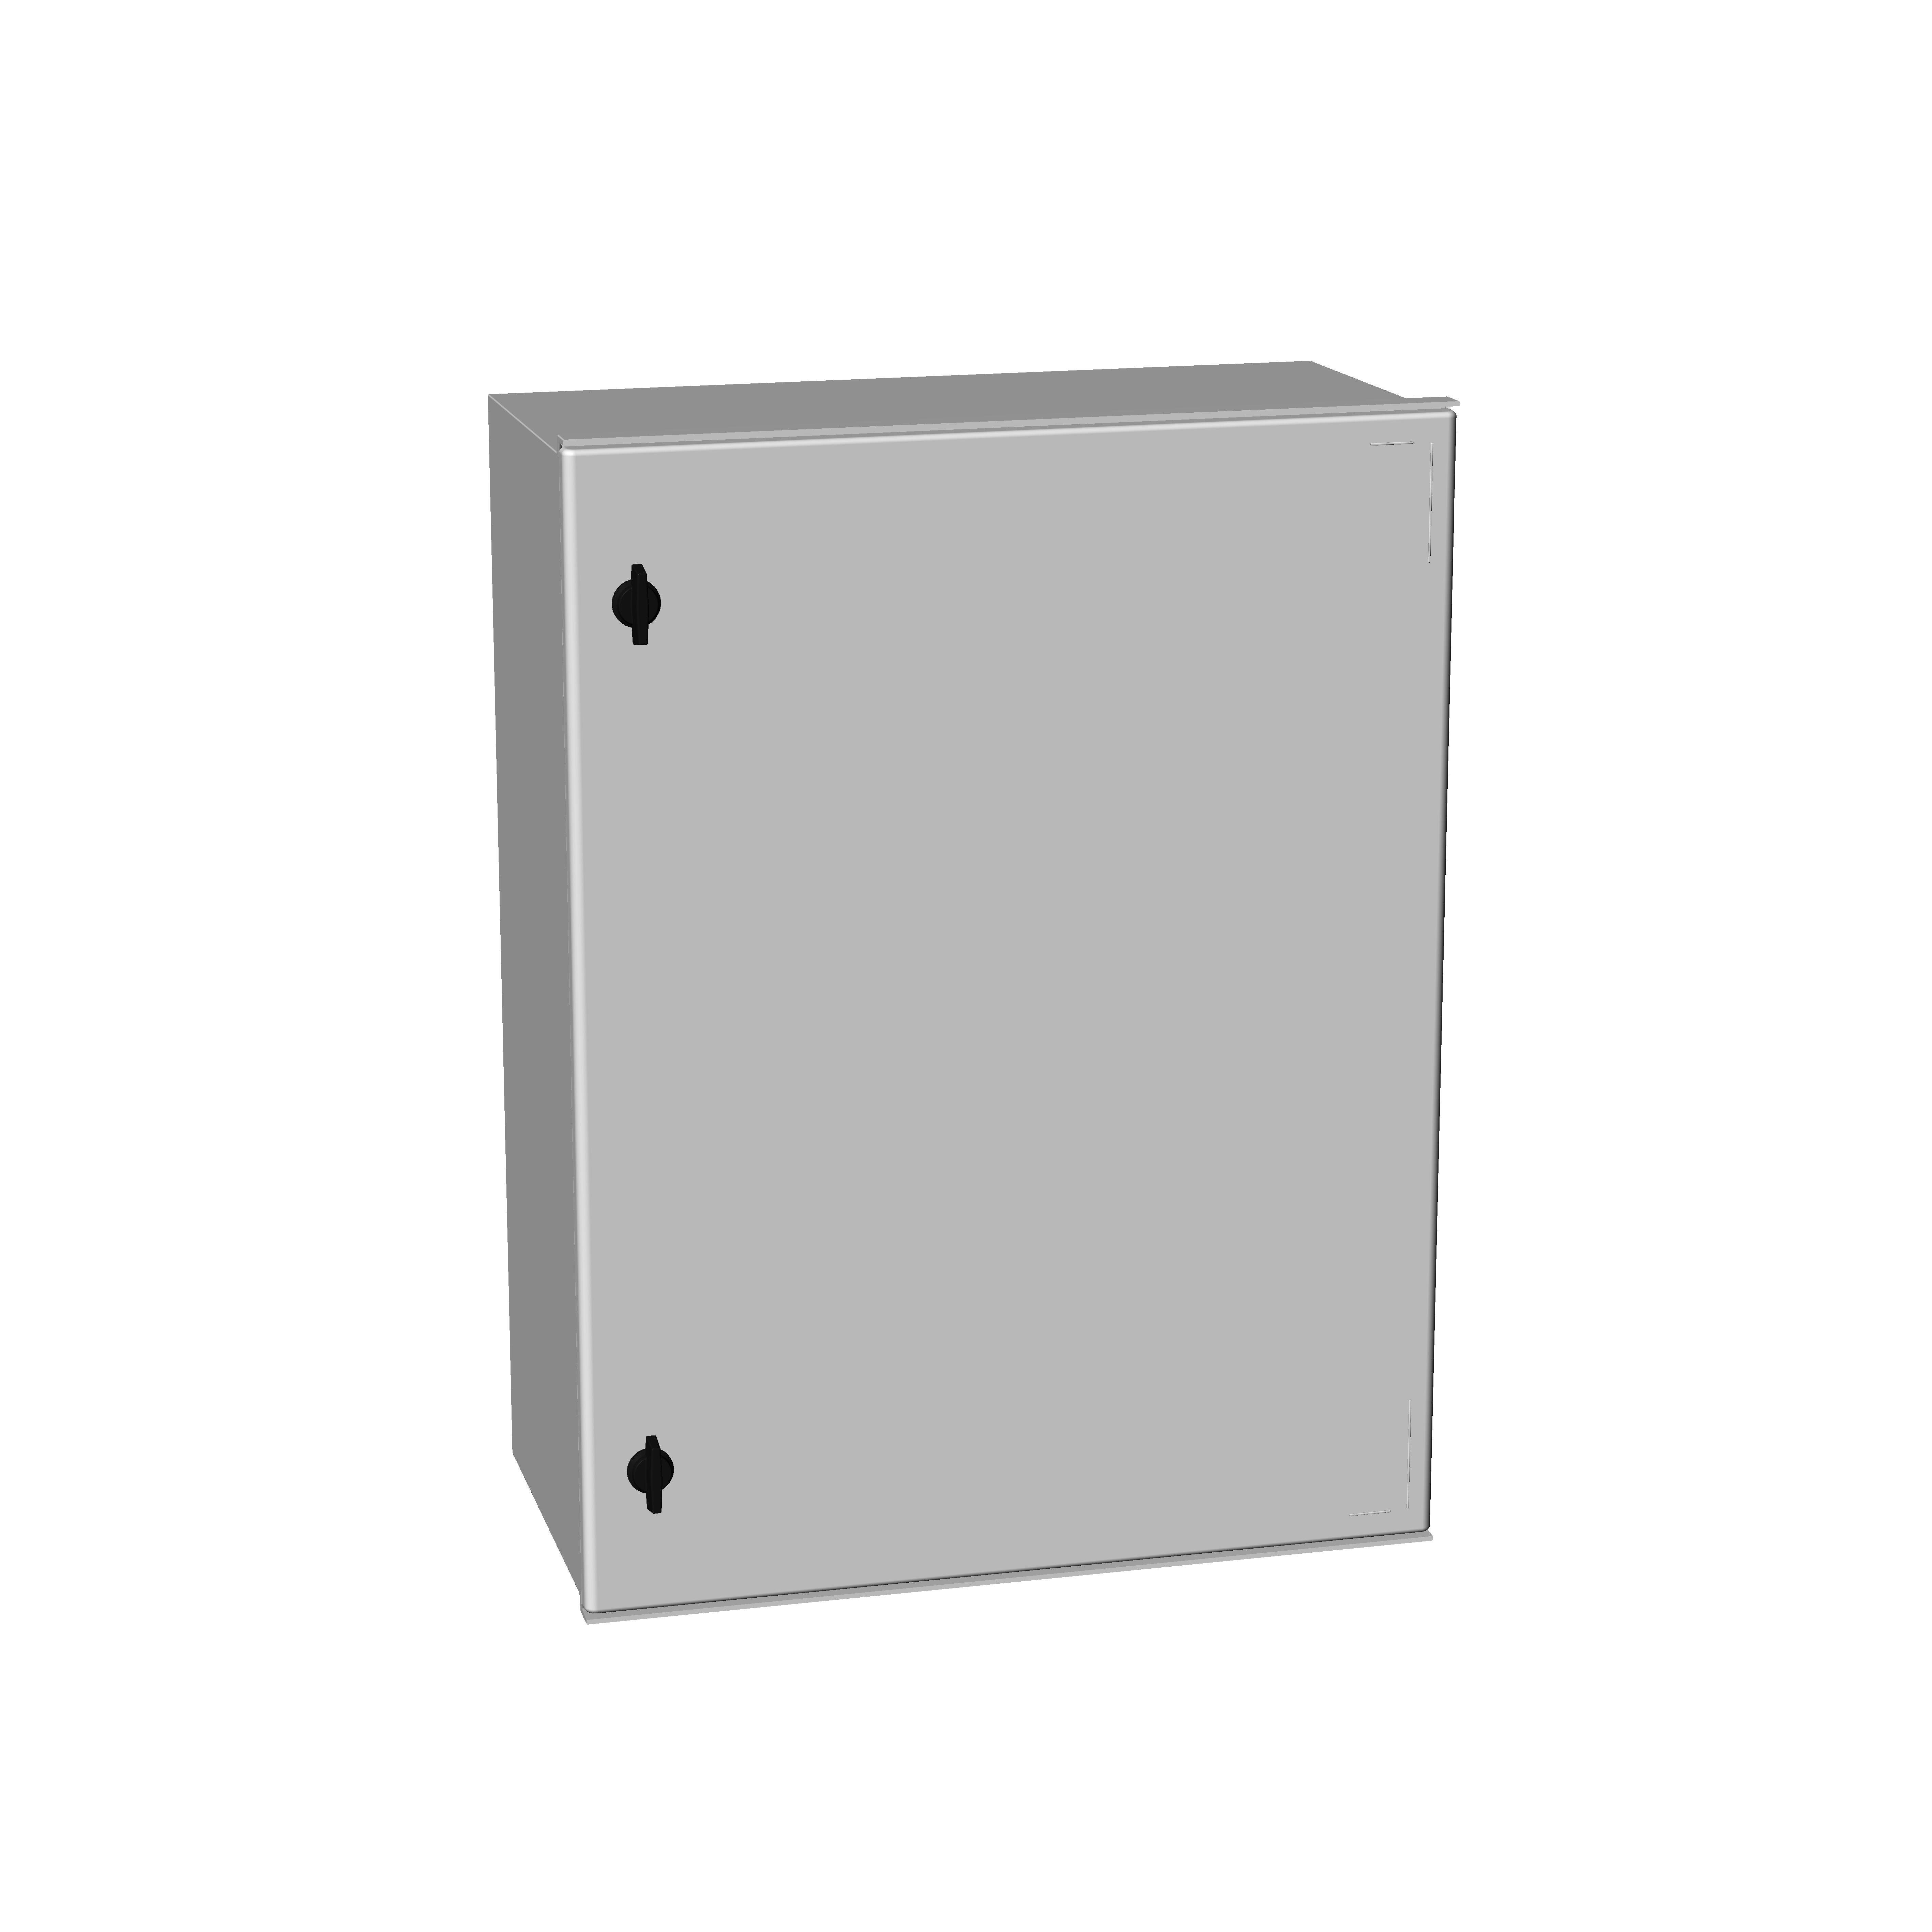 1 Stk Polyester-Wandschrank MINI 800x600x300mm IM008886--